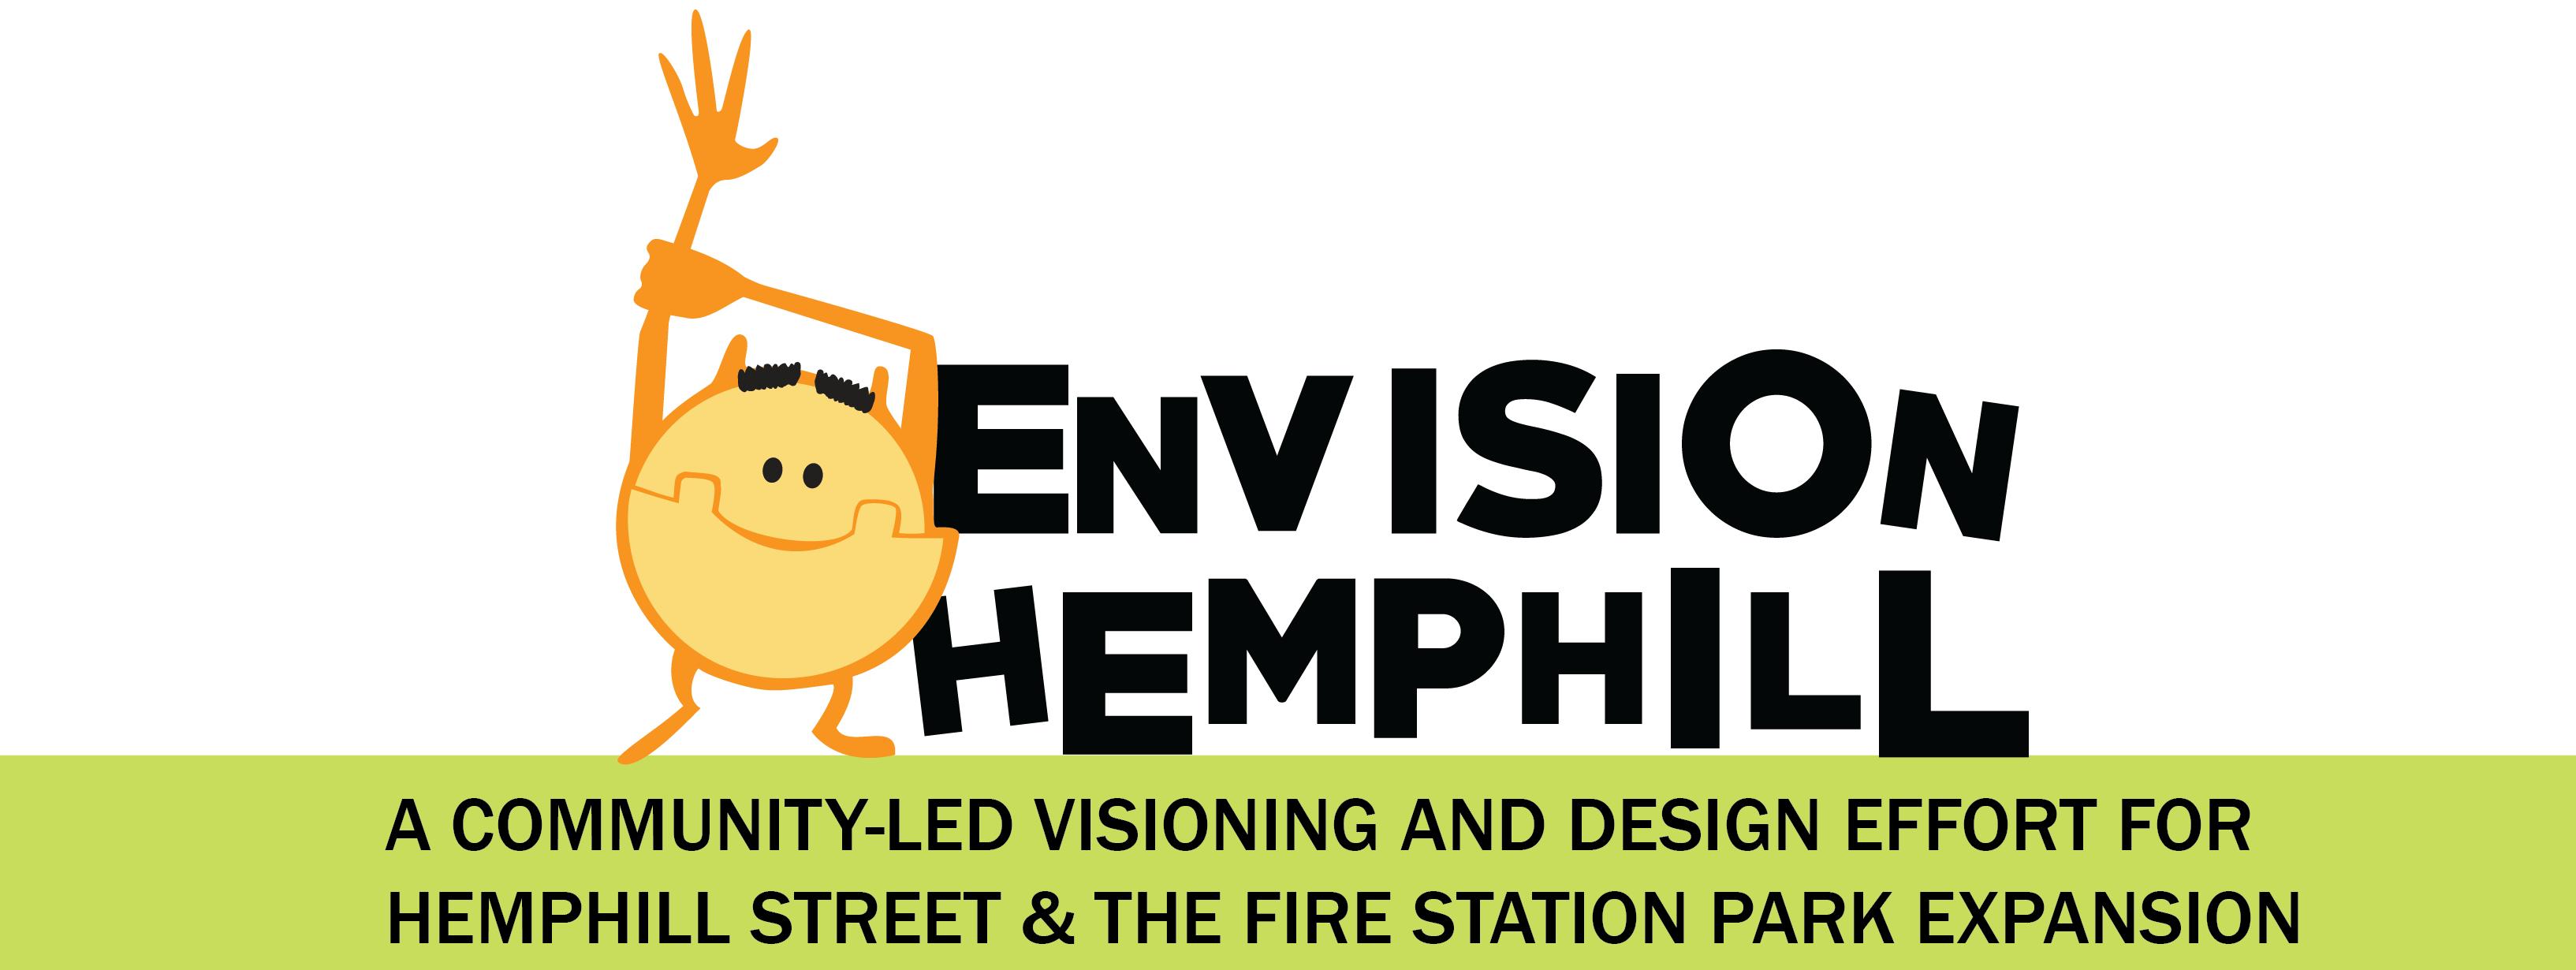 Envision Hemphill